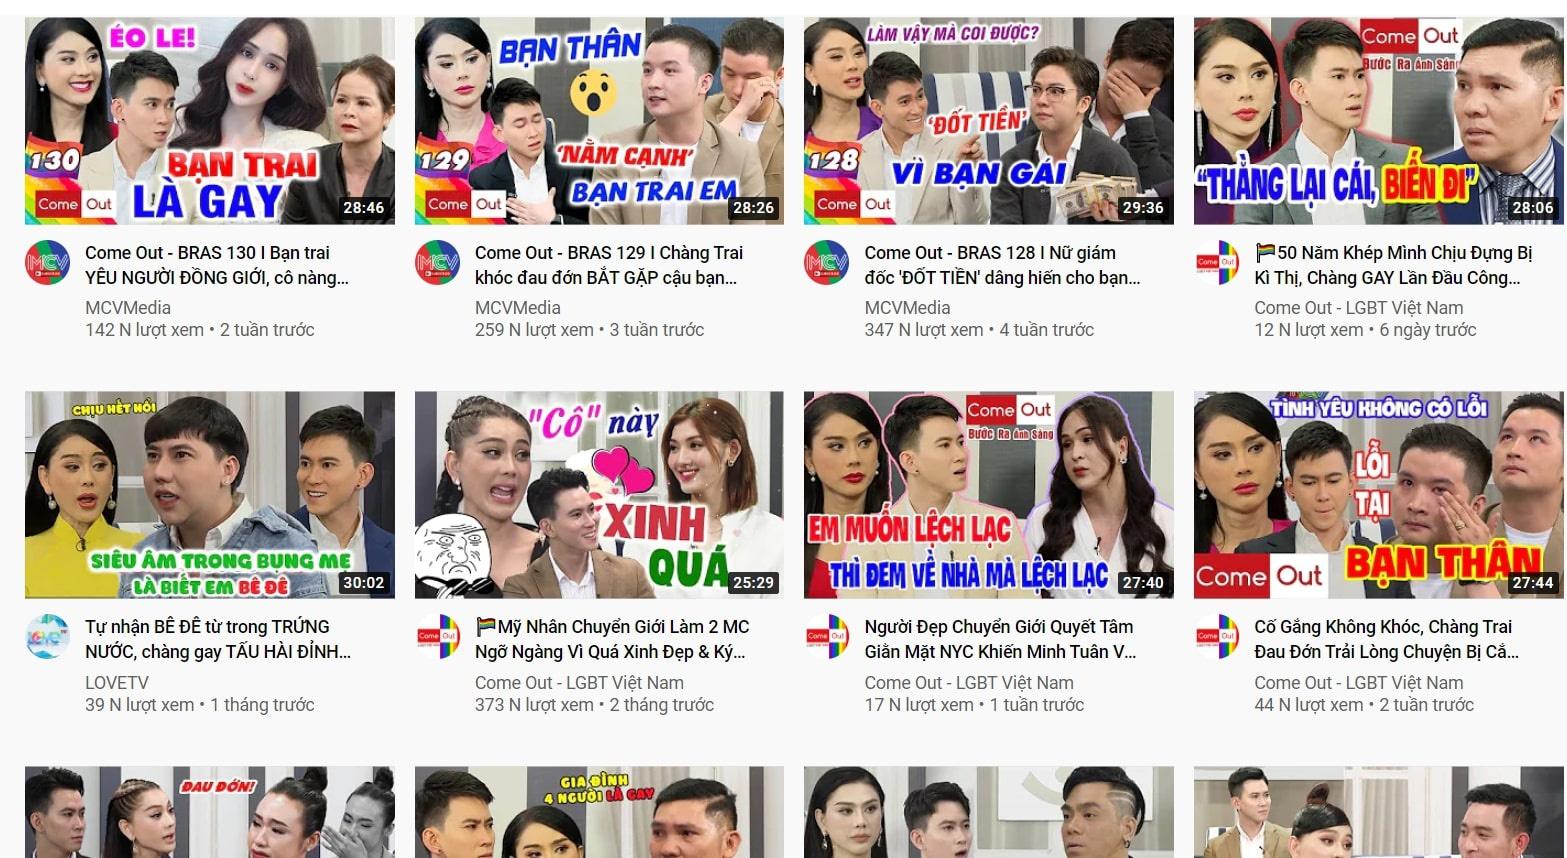 Game show Việt về LGBT+ thoái trào sau 3 năm bùng nổ - Ảnh 4.